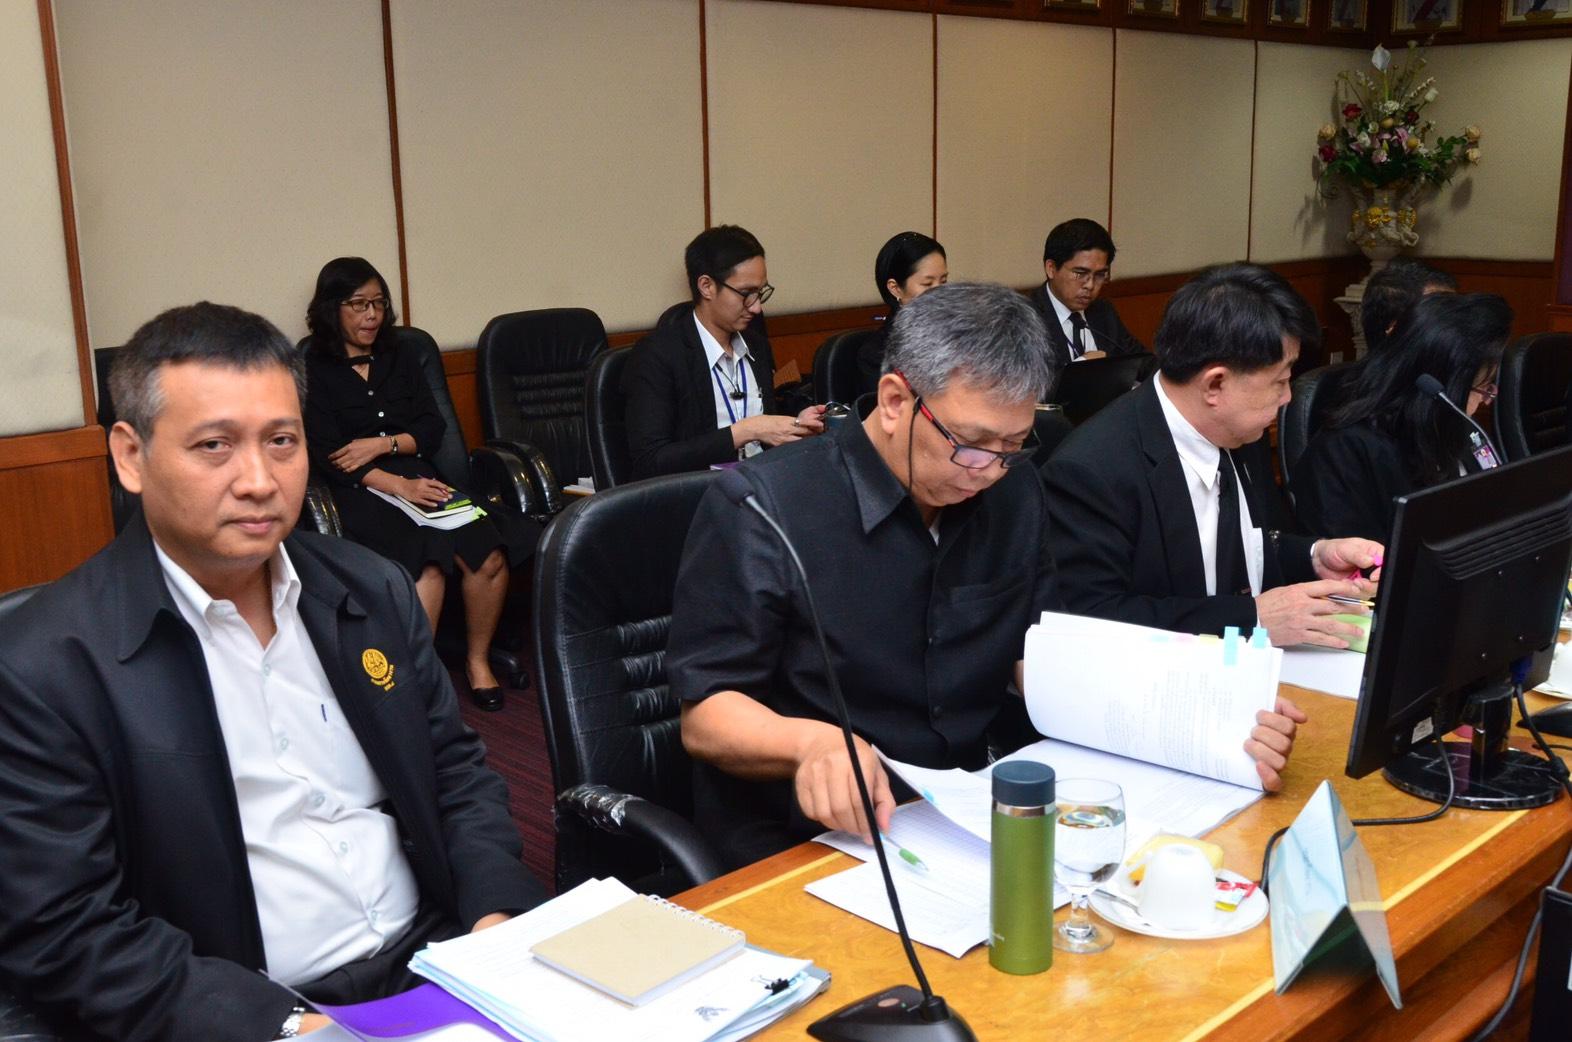 การประชุมคณะอนุกรรมการแก้ไขปัญหาการค้ามนุษย์และแรงงานผิดกฎหมาย (อกคร.)